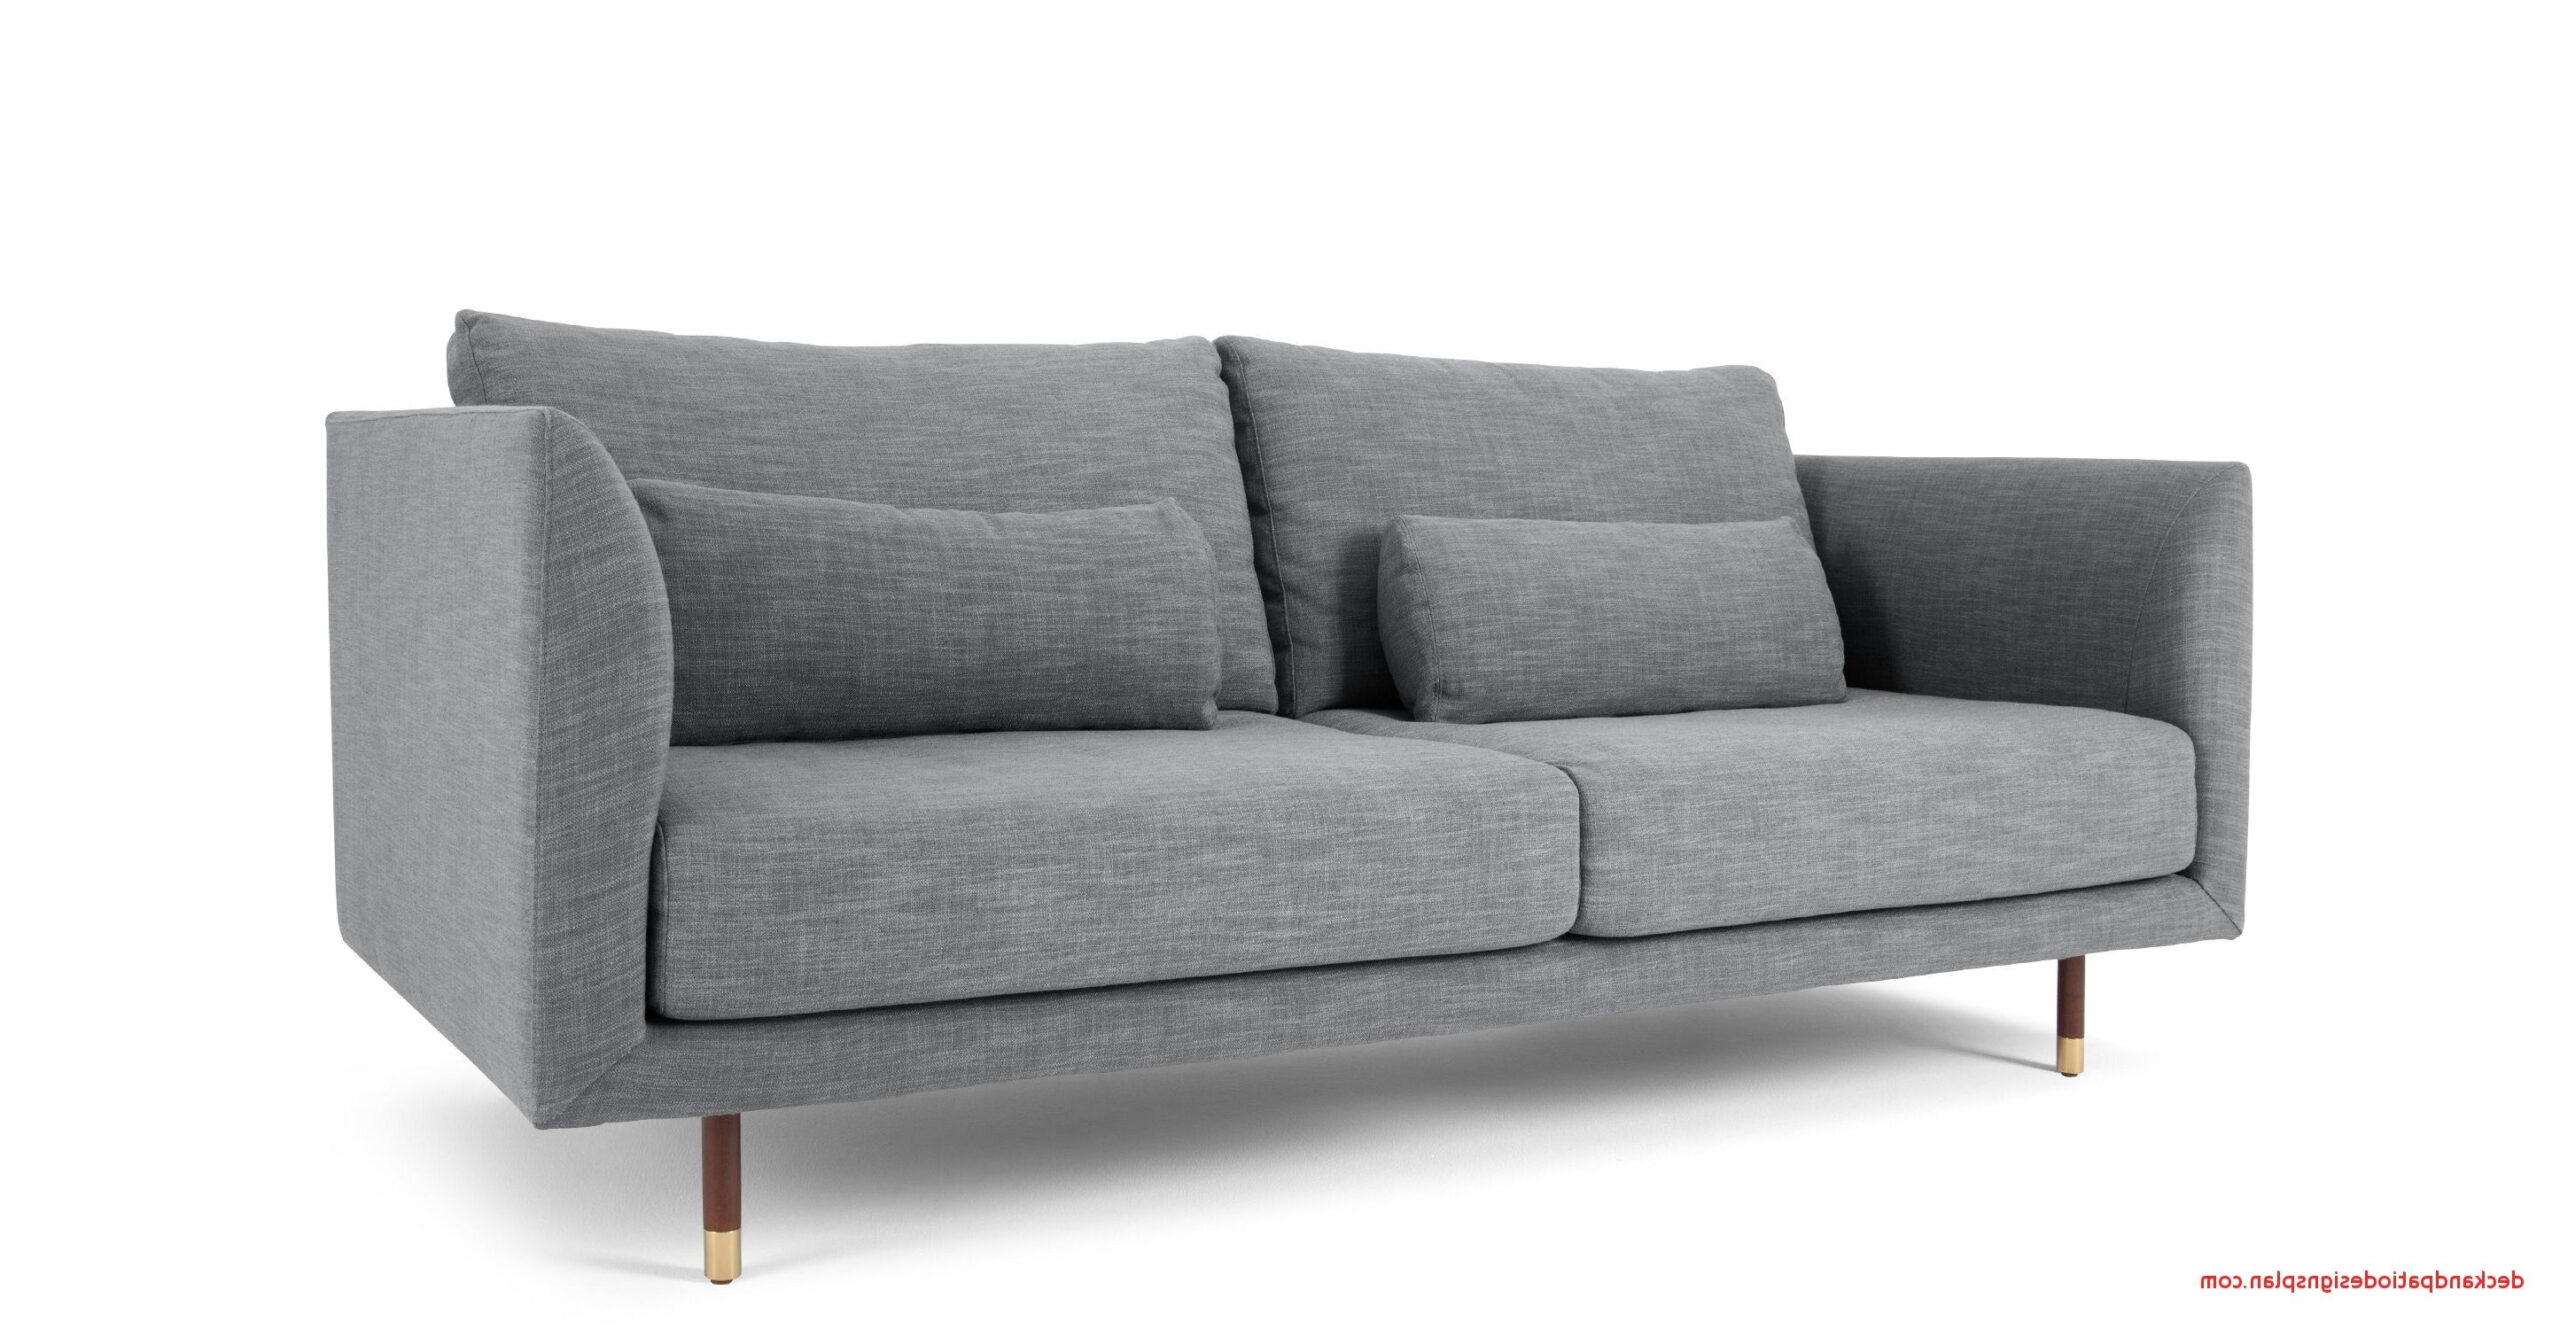 Full Size of Ikea 2 Sitzer Couch Inhofer Sofa Für Esszimmer Rahaus Esstisch Kaufen Landhaus Big Weiß Alte Fenster Recamiere Wohnlandschaft Küche Günstig Leinen Wohnzimmer Sofa Kaufen Ikea